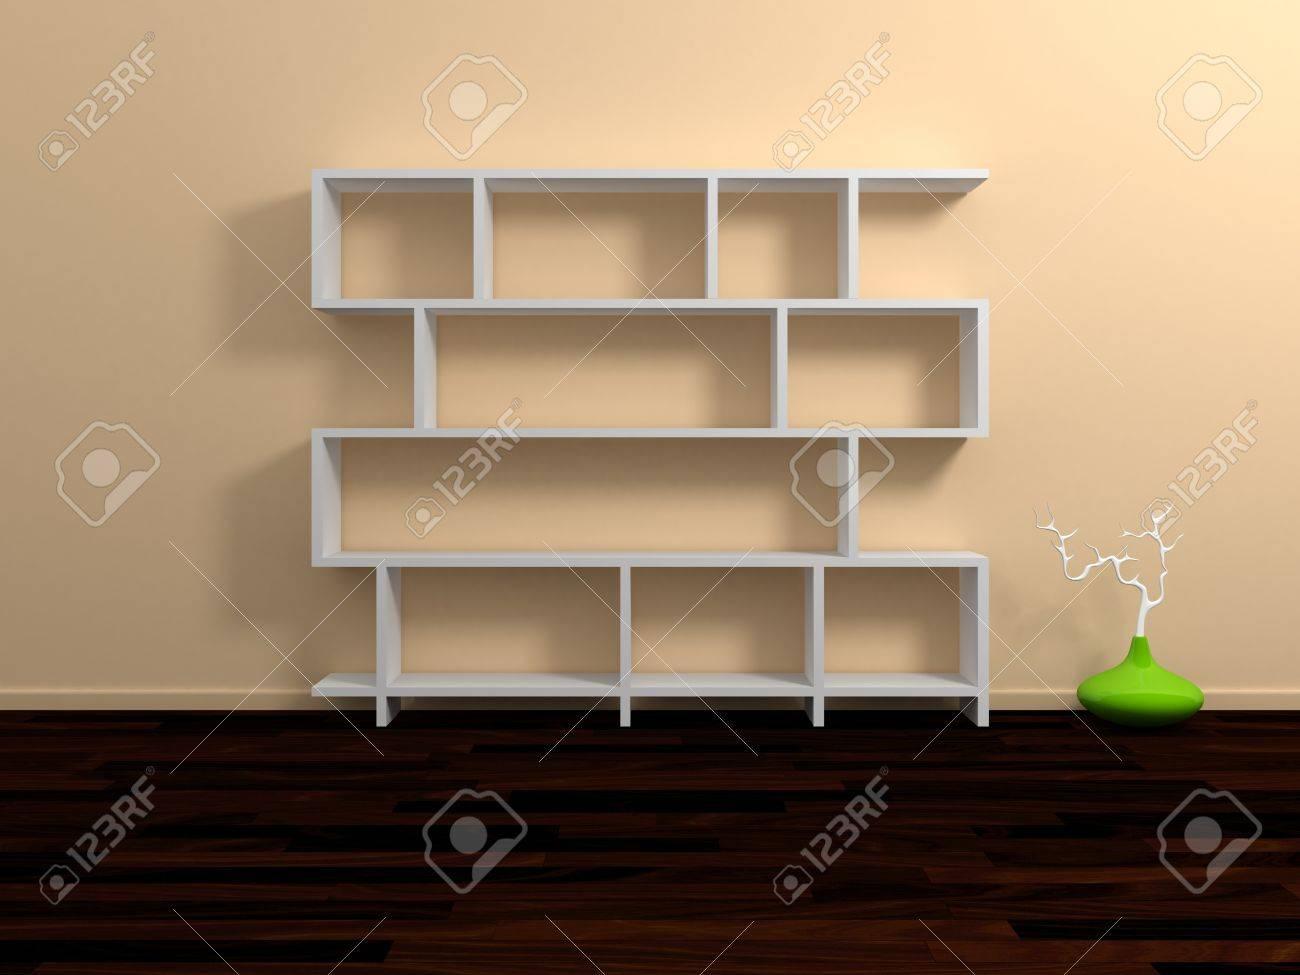 Modern shelves Stock Photo - 13942399